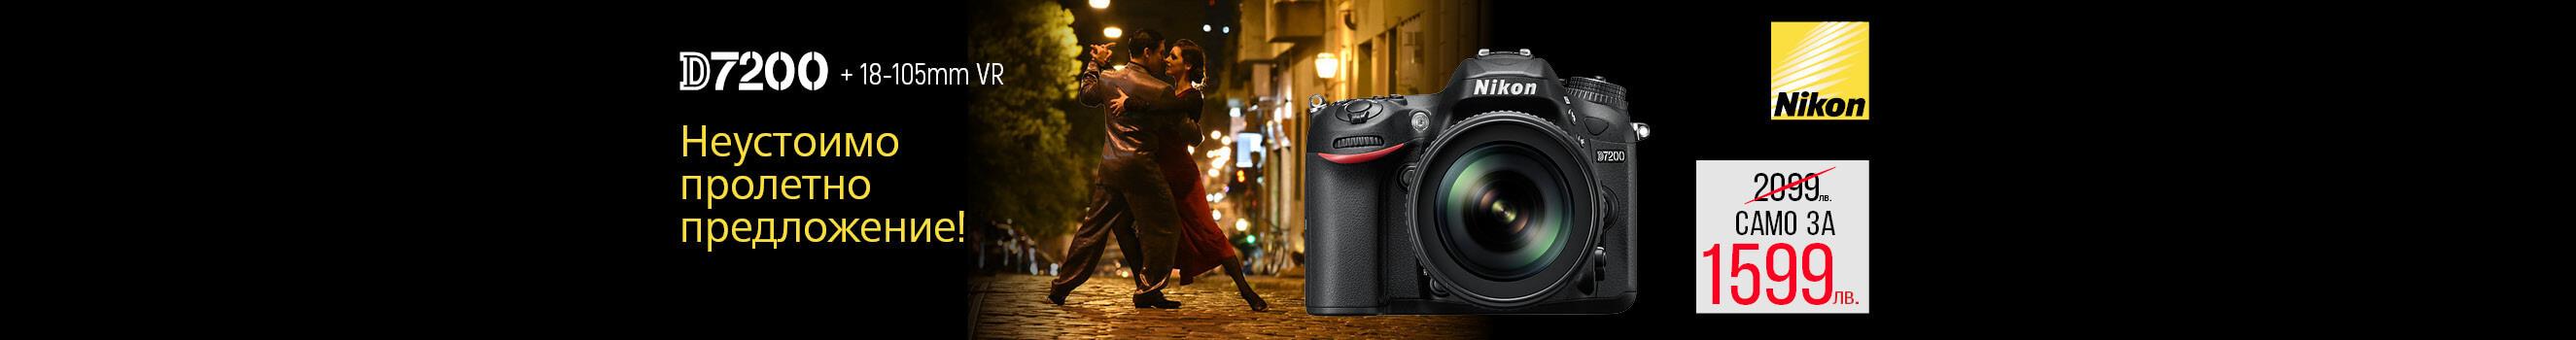 Фотоапарат Nikon D7200 на промо цена